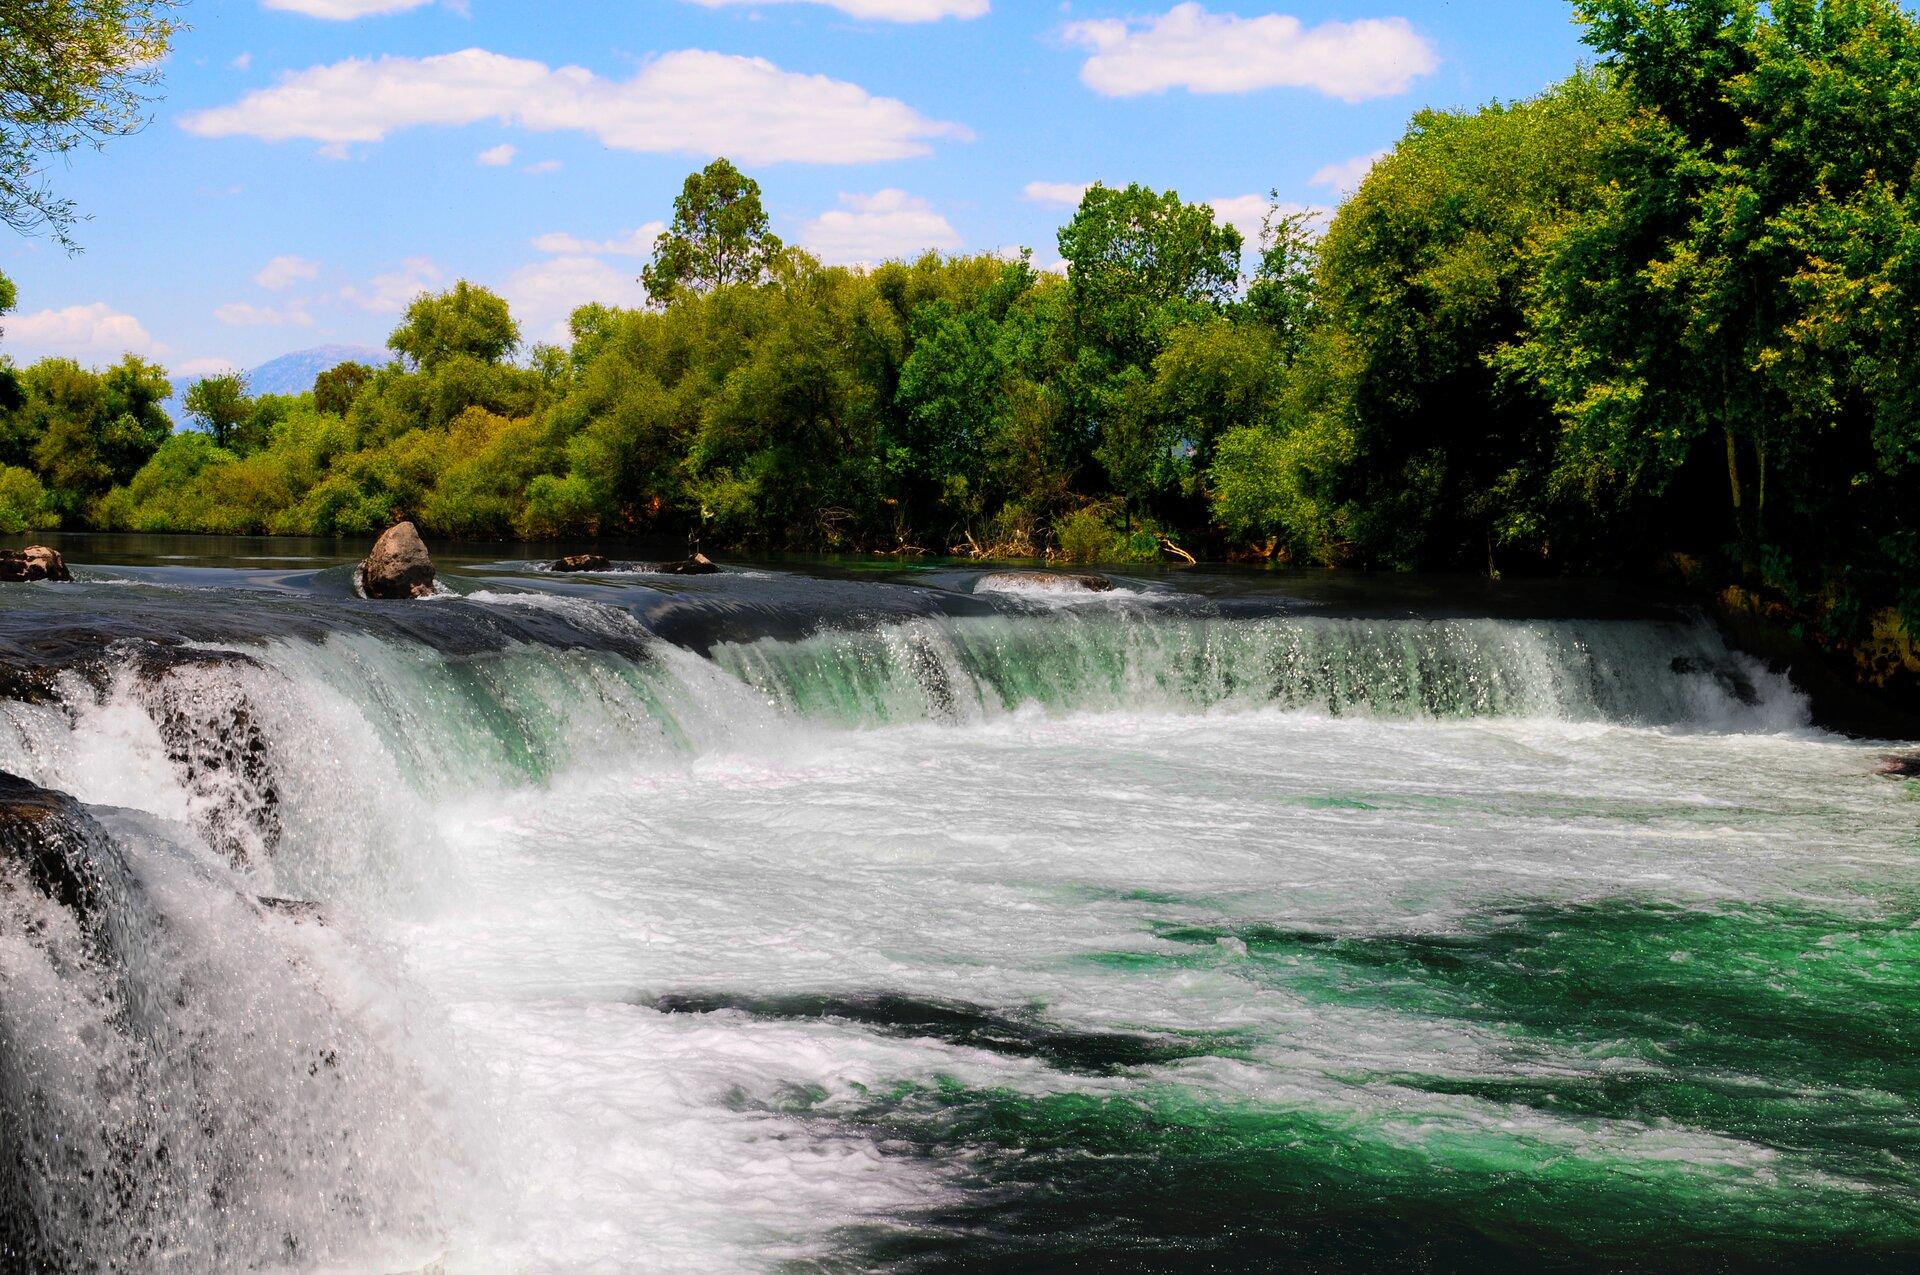 Zdjęcie przedstawiające fragment rzeki otoczonej drzewami, przeciętej przez szeroki istosunkowo niski wodospad lub duży próg. Ilustracja stanu skupienia ciekłego.